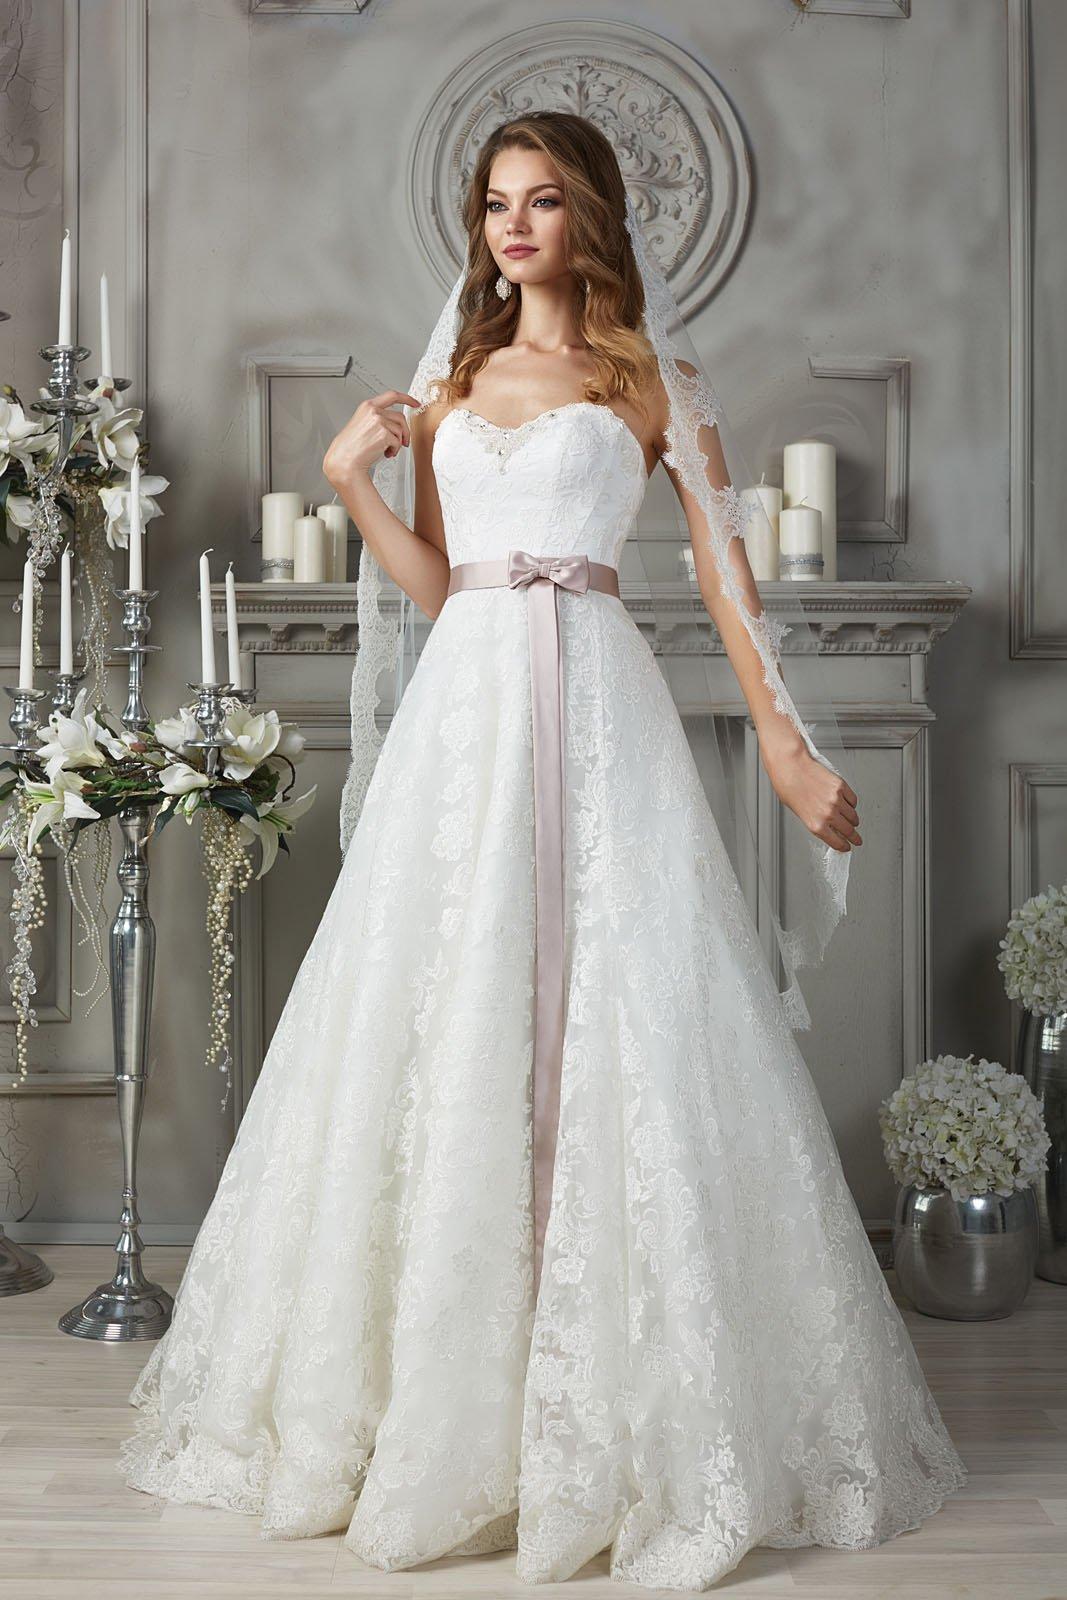 Кружевное свадебное платье с цветным атласным поясом.